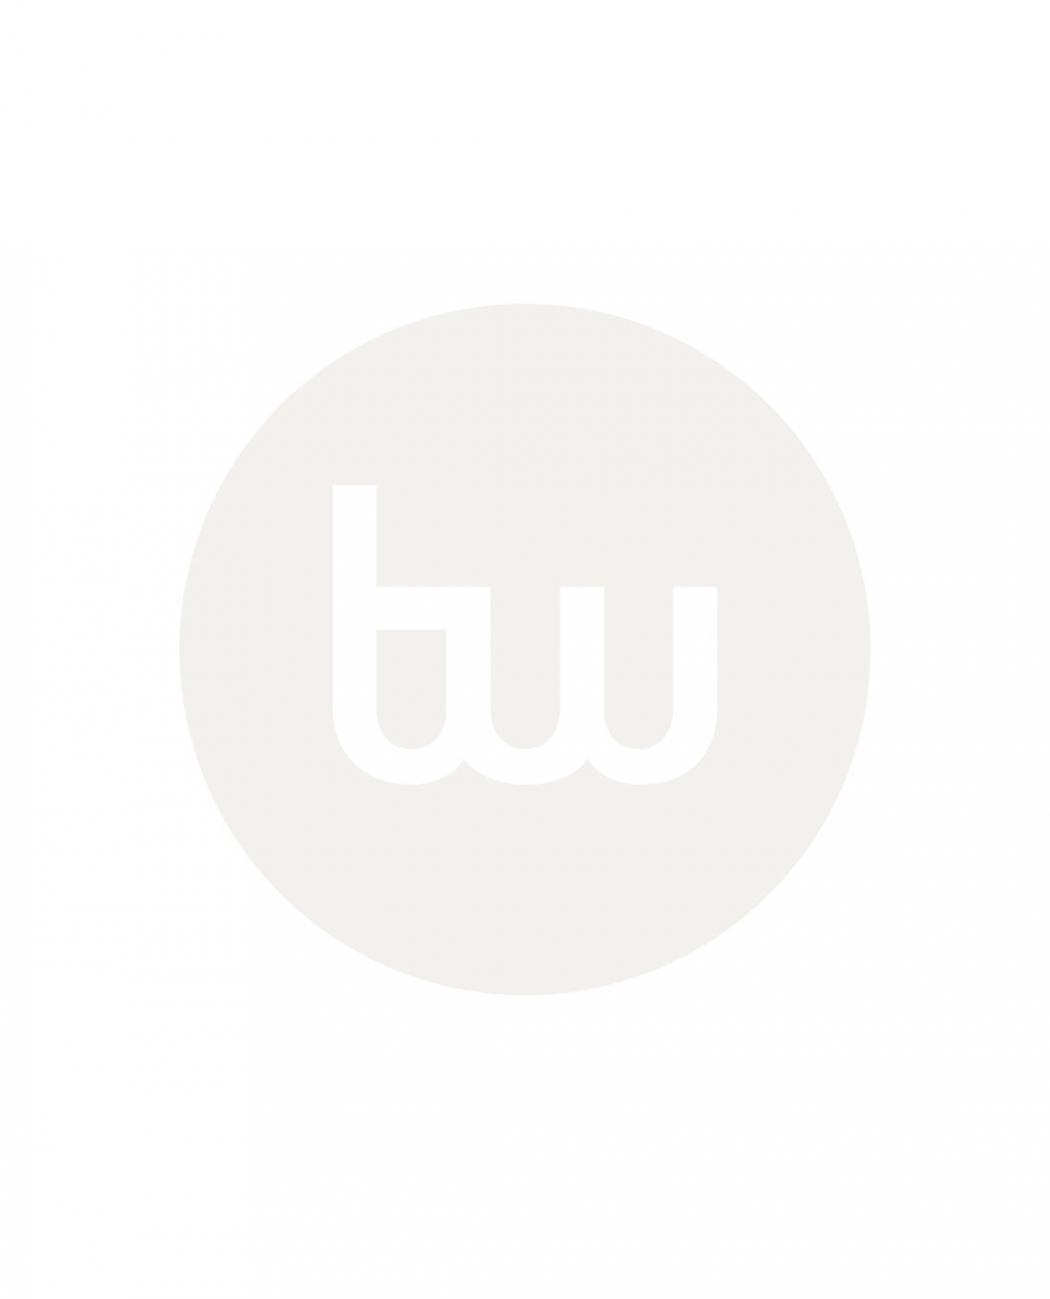 Oakley SI Half Jacket 2.0 XL Schwarz / Persimmon - TACWRK